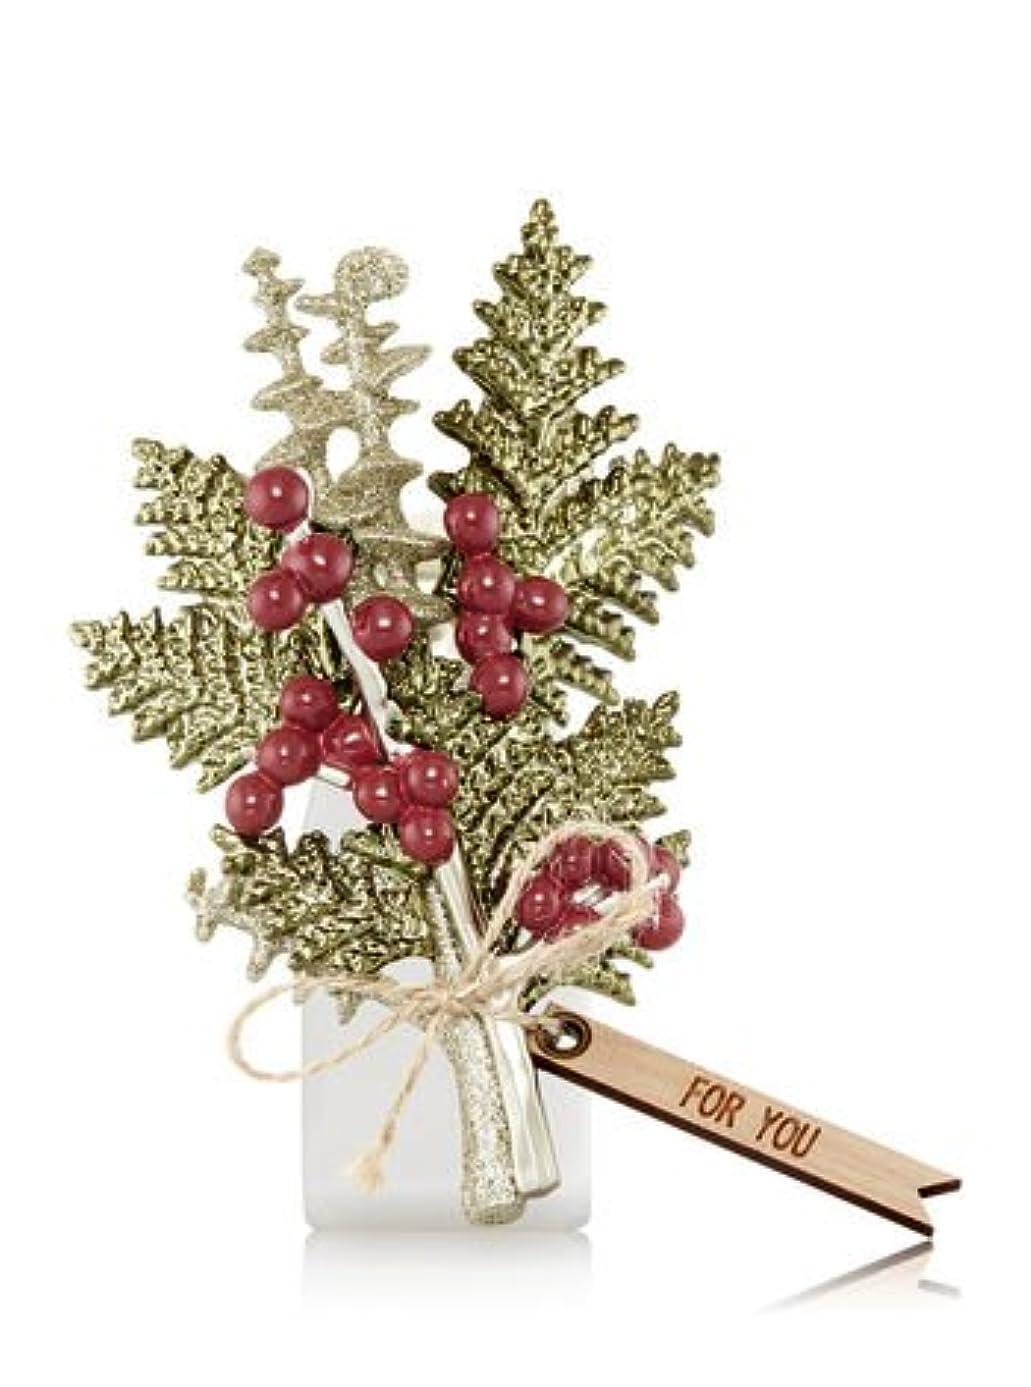 締めるではごきげんようトレーニング【Bath&Body Works/バス&ボディワークス】 ルームフレグランス プラグインスターター (本体のみ) ウィンターボタニカル Wallflowers Fragrance Plug Winter Botanical...